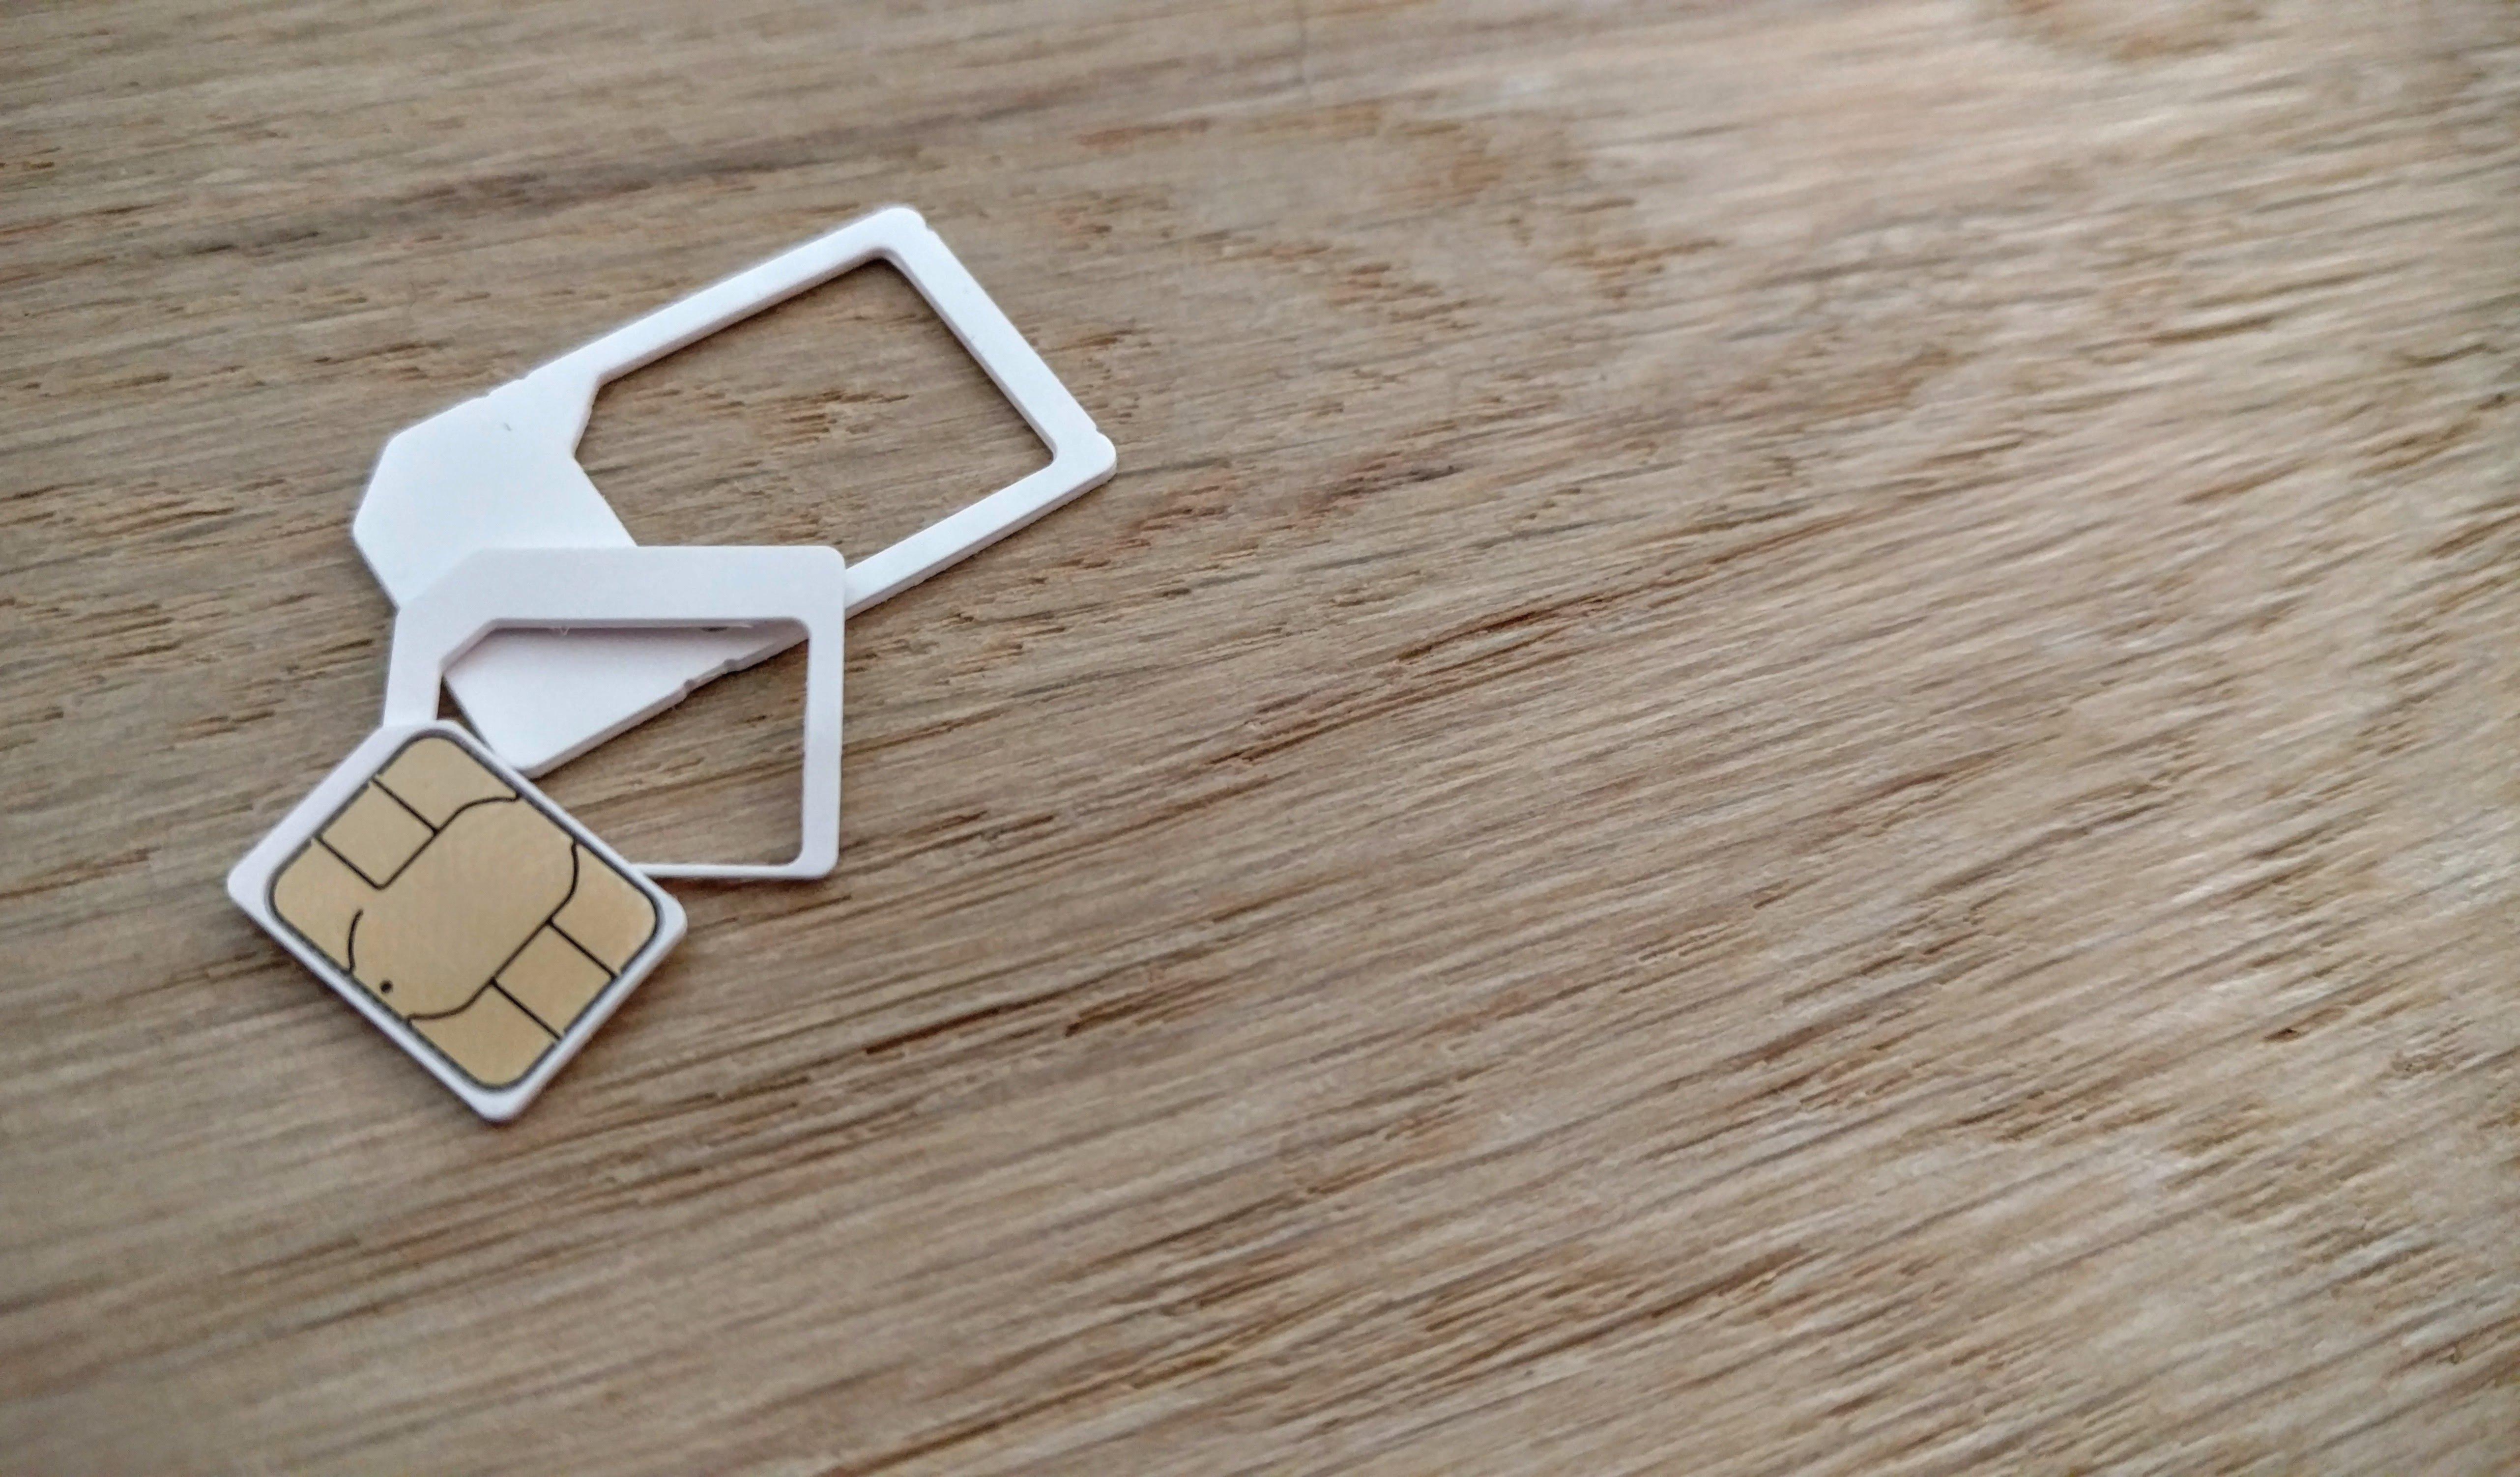 SIM-Karte, Bild: CC0